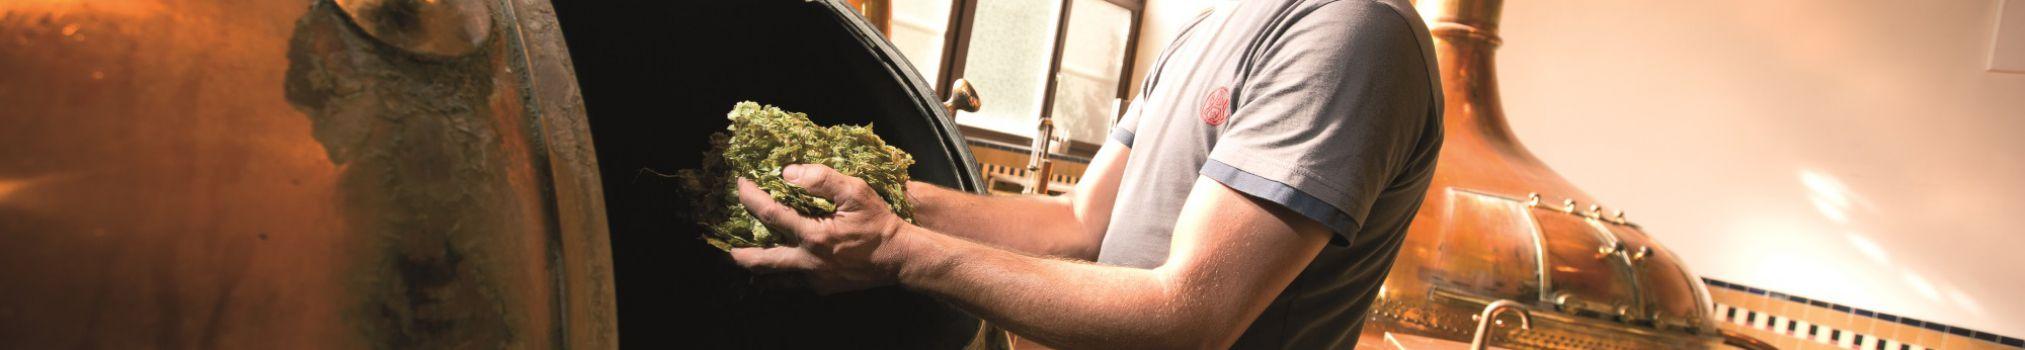 Le maître brasseur de Westmalle ajoute des cônes de houblon dans la cuve de cuisson